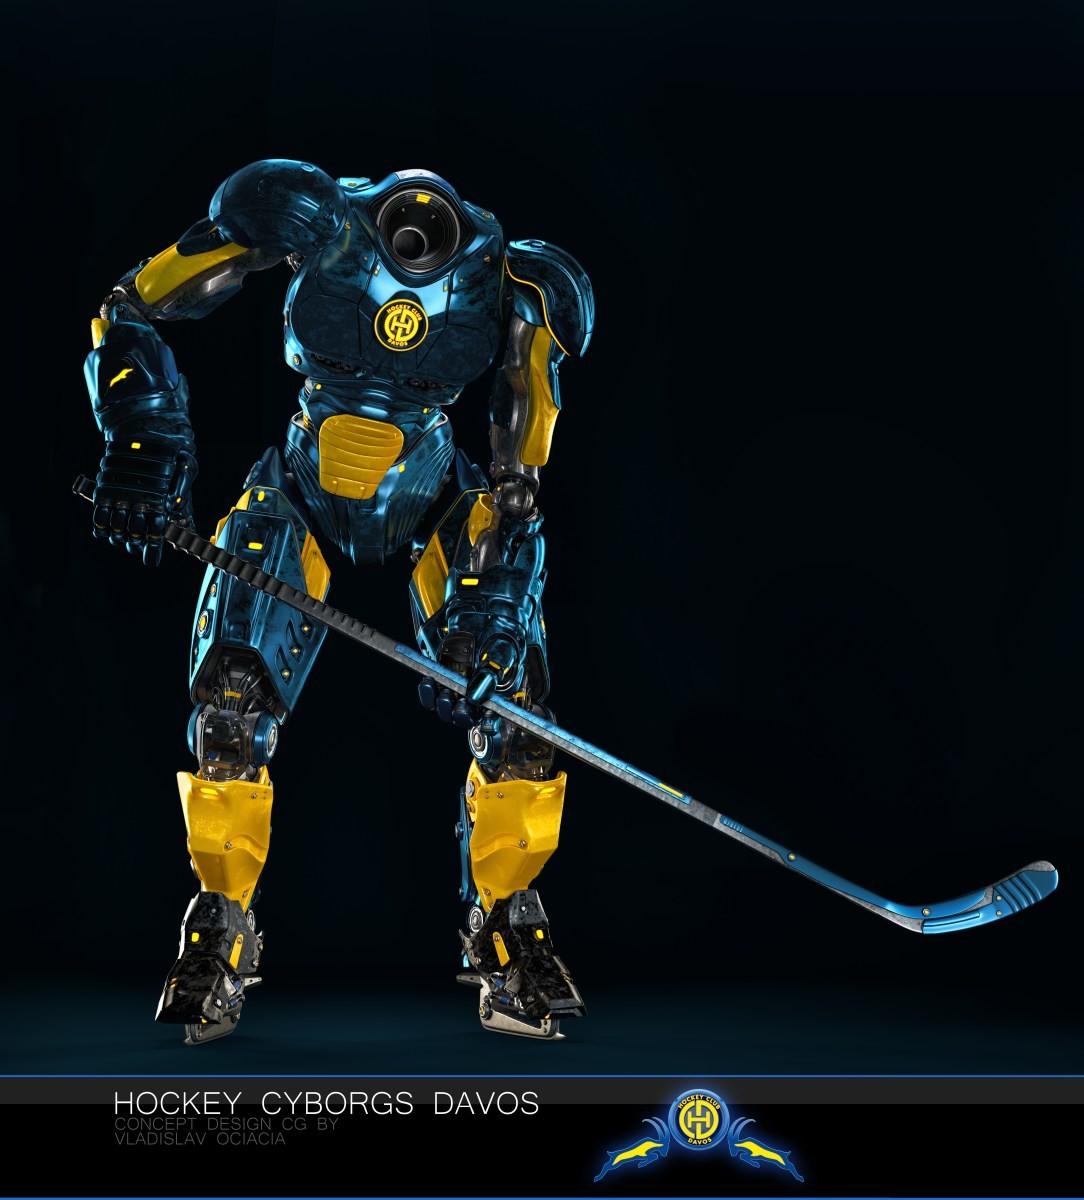 Vladislav ociacia hockey player robots 13